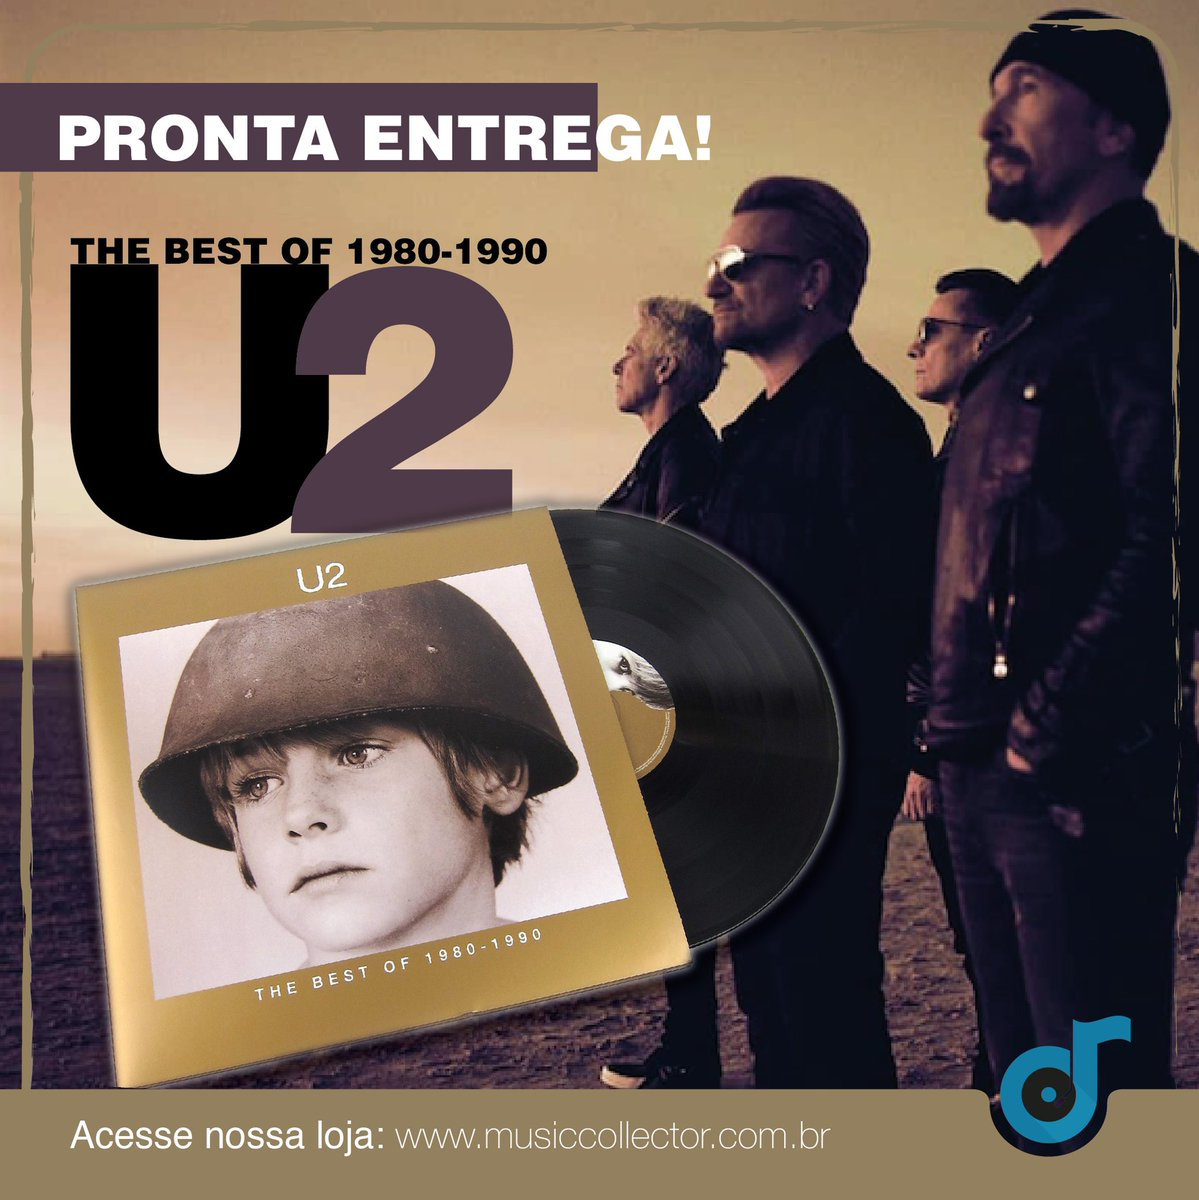 """Teremos fãs do #U2 por aqui? Sim!  A partir do dia 31/07, vocês vão poder adquirir o """"THE BEST OF 1980-1990"""" na nossa loja. Direto para a sua coleção!   #u2brasil #musiccollector #coleção #musiccollection #vinil #lp #discodevinil #vinillovers #u2thebestofpic.twitter.com/A1YSDAlixS"""